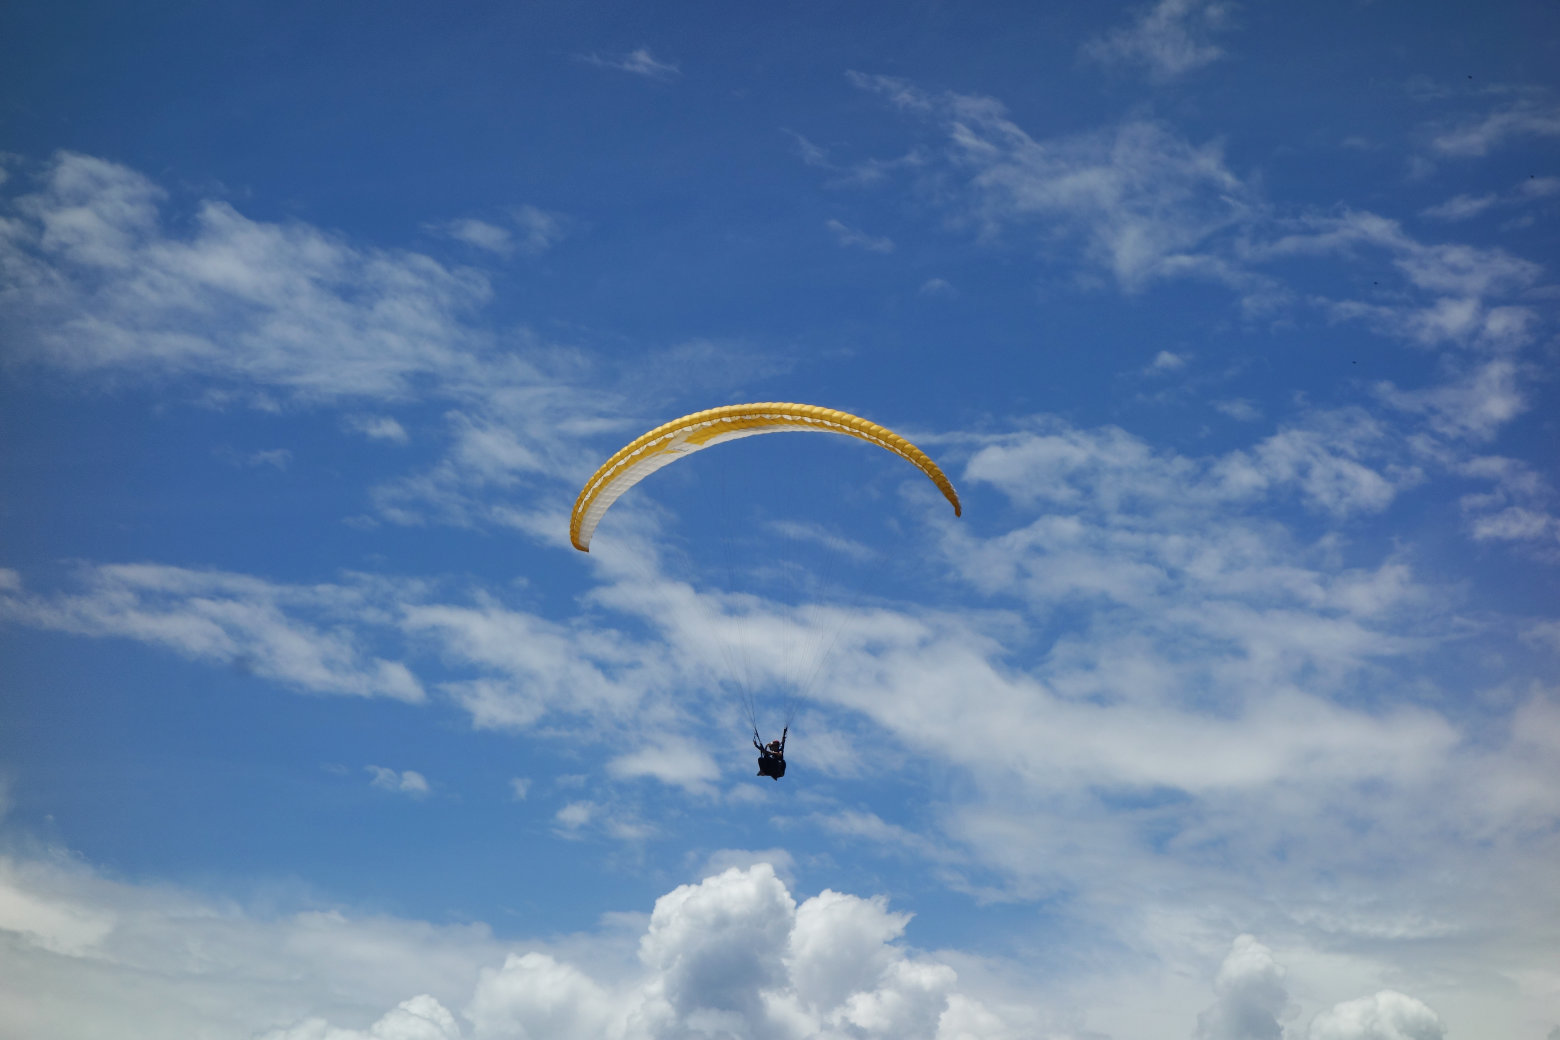 San Gil Paraglider am Himmel